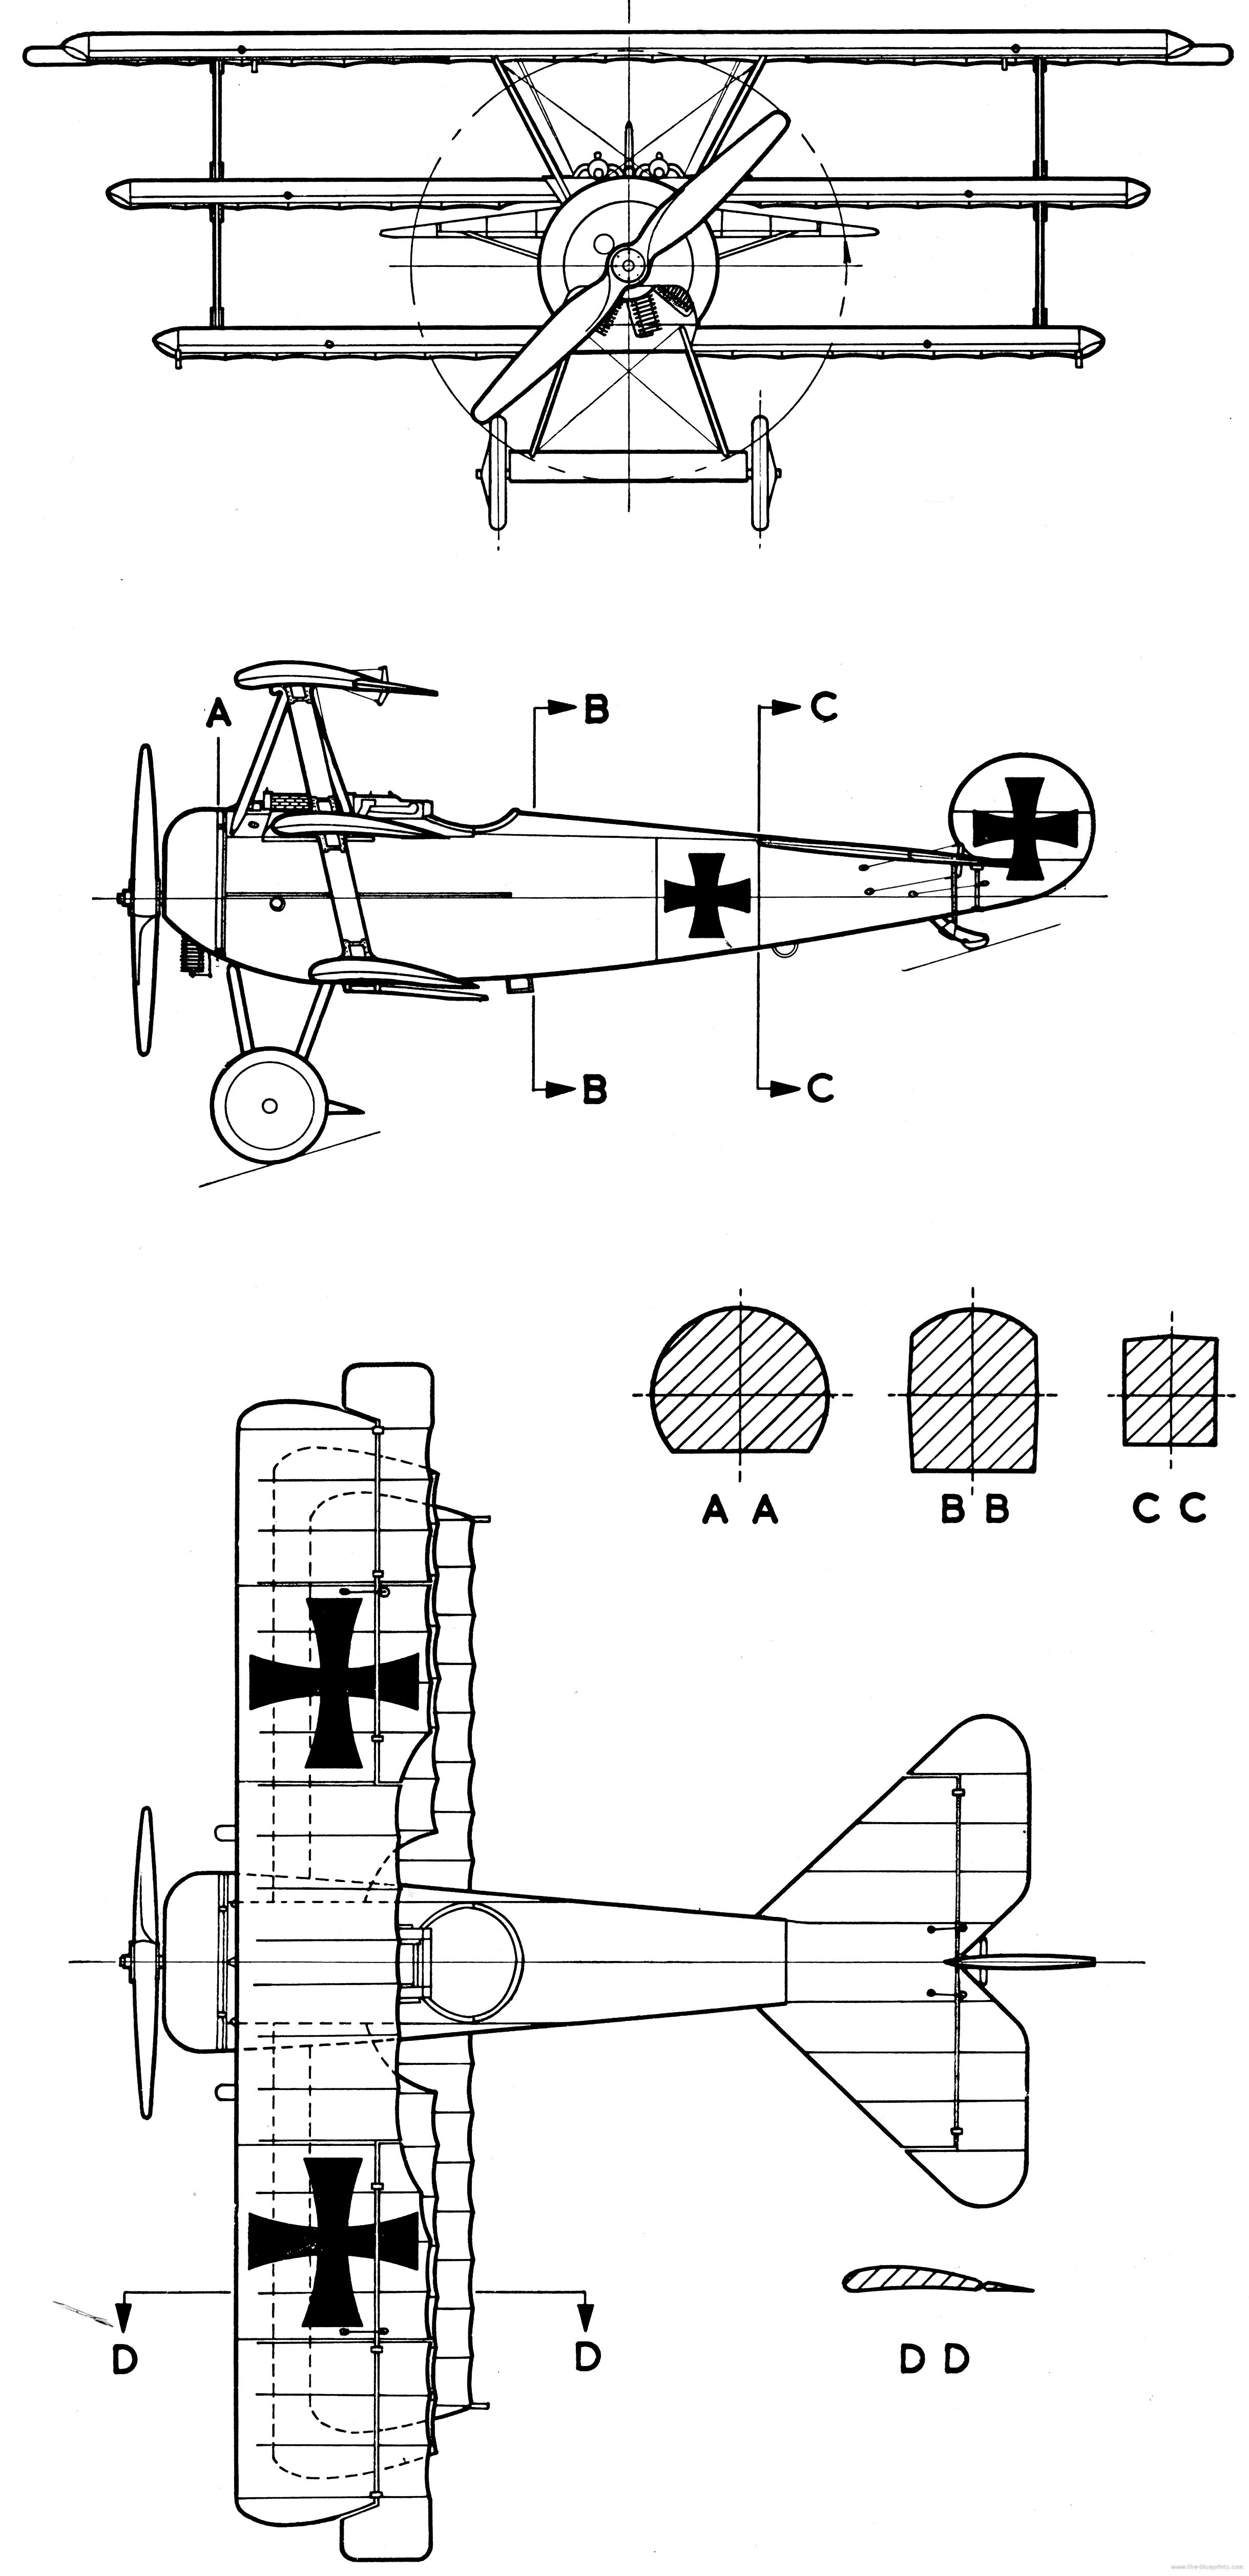 Triplano Del Imperio Aleman Fokker Dr I